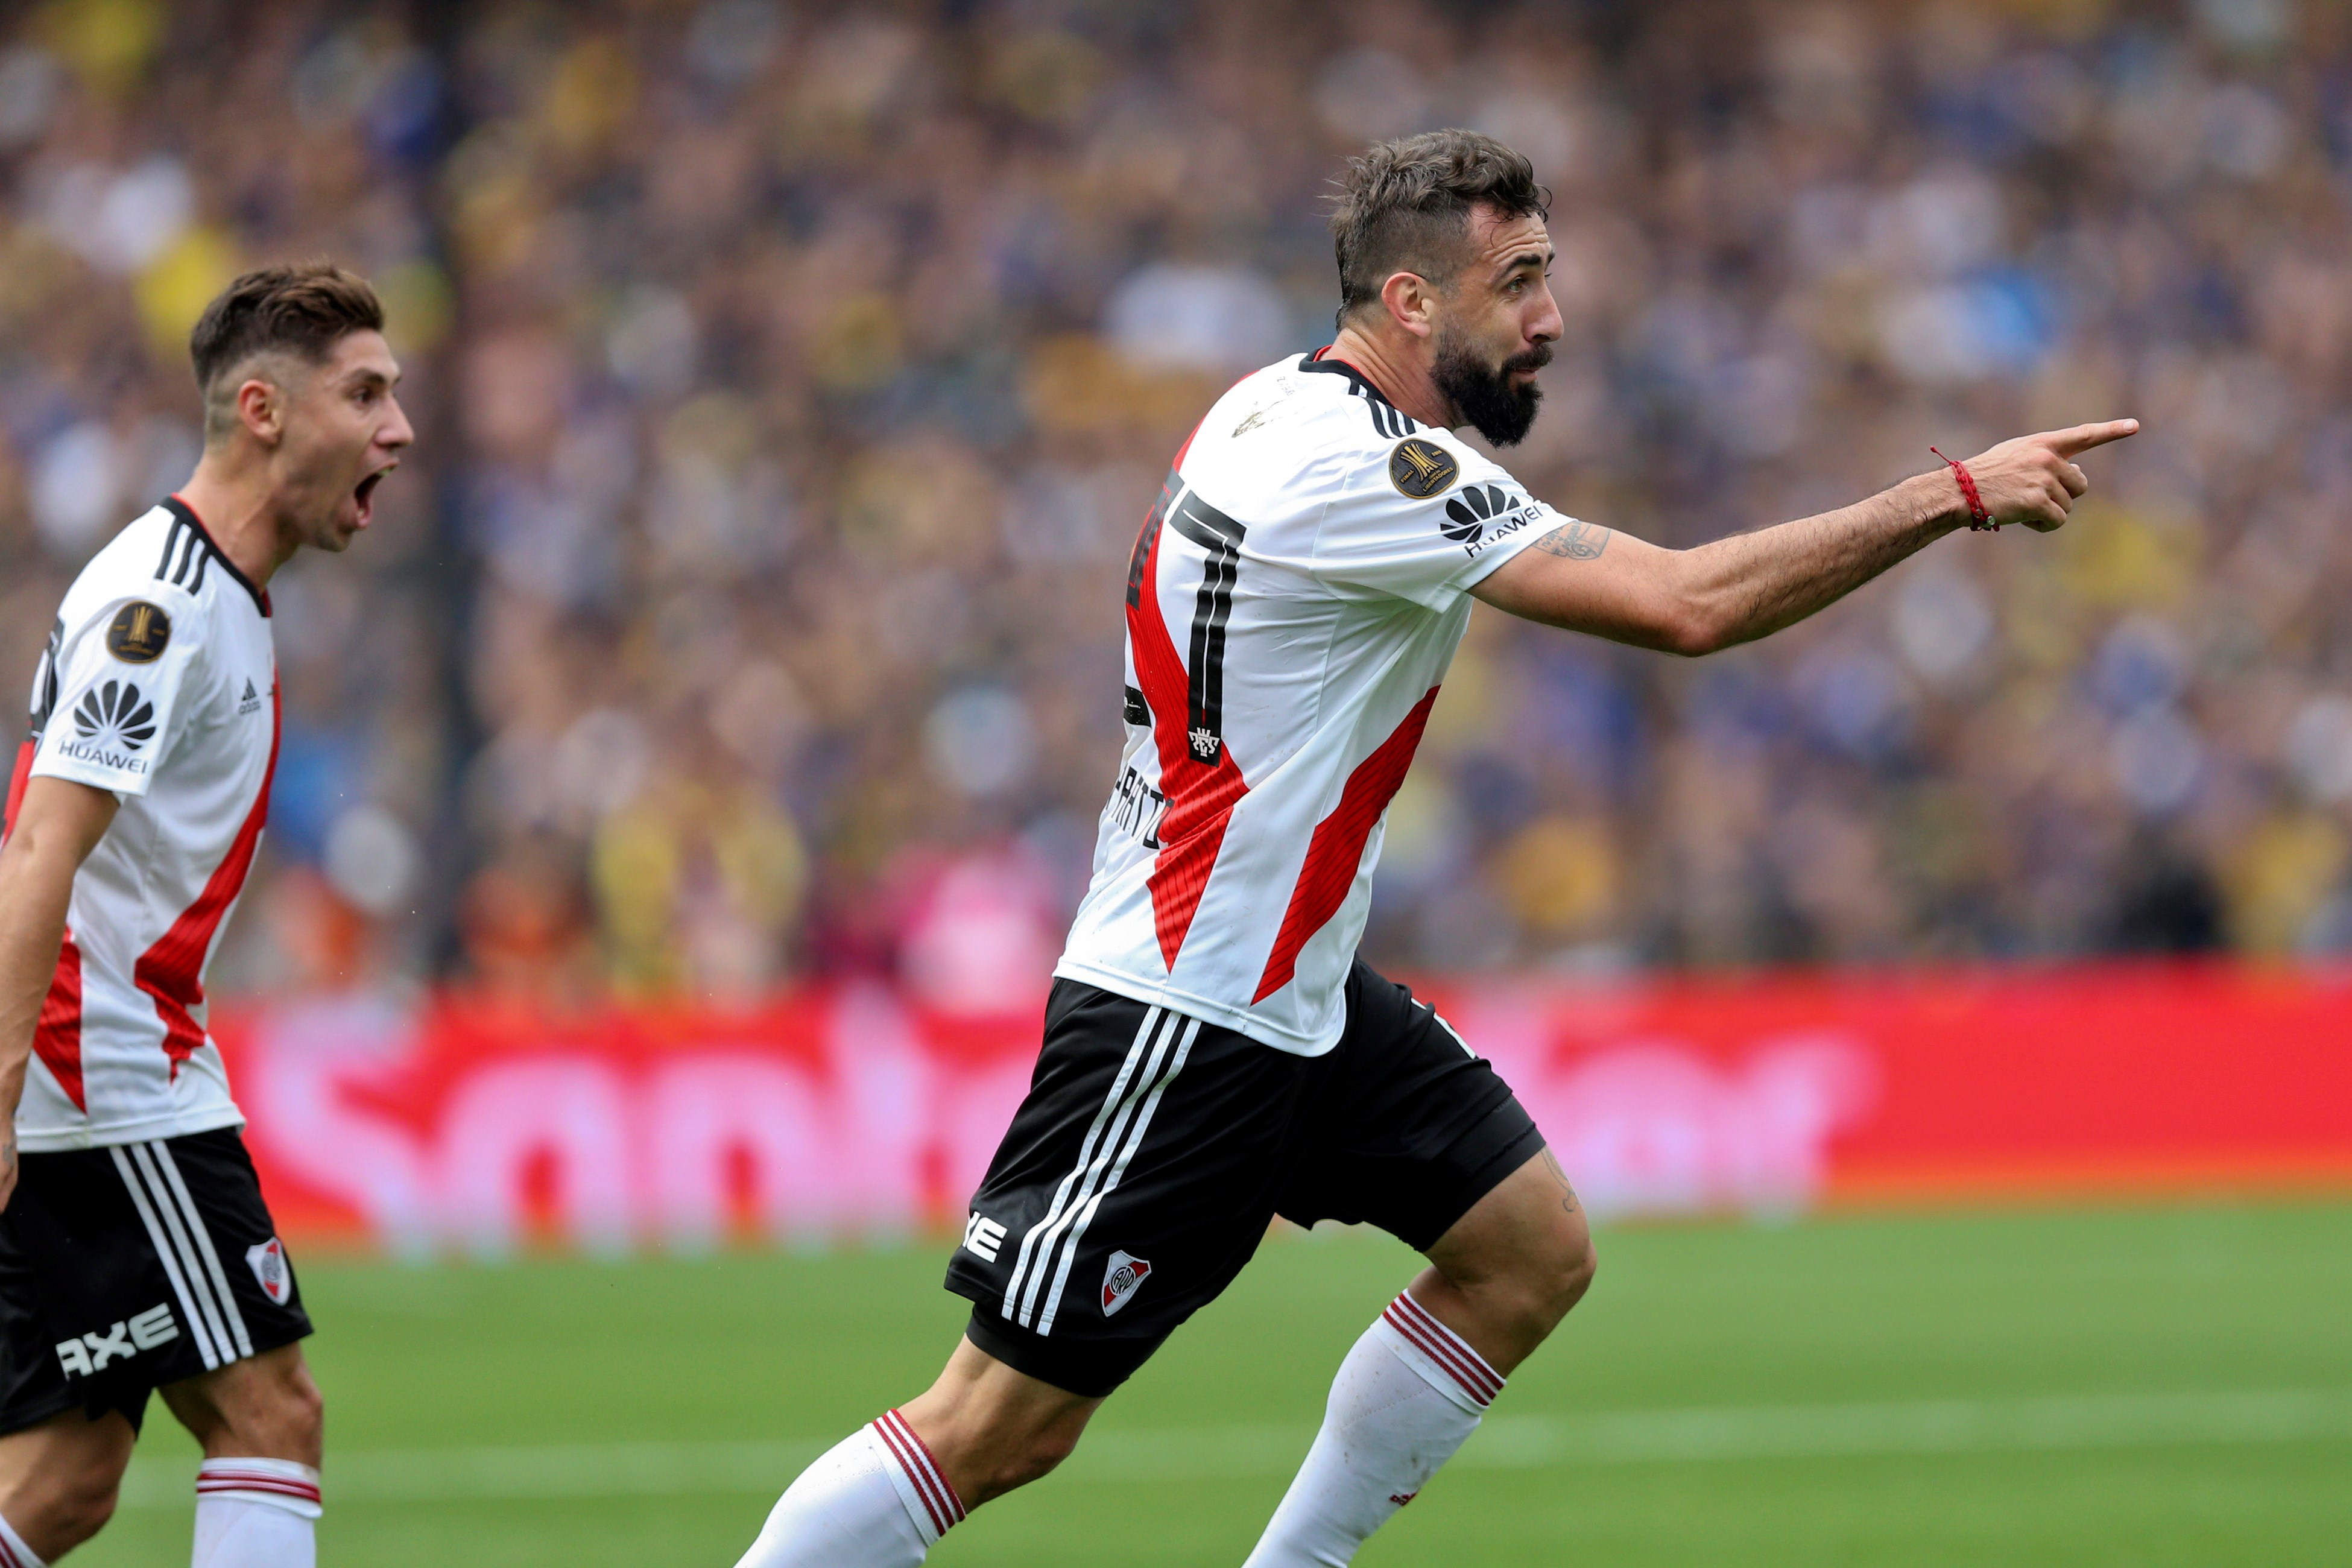 Ponovo odgođena utakmica River Plate – Boca Juniors